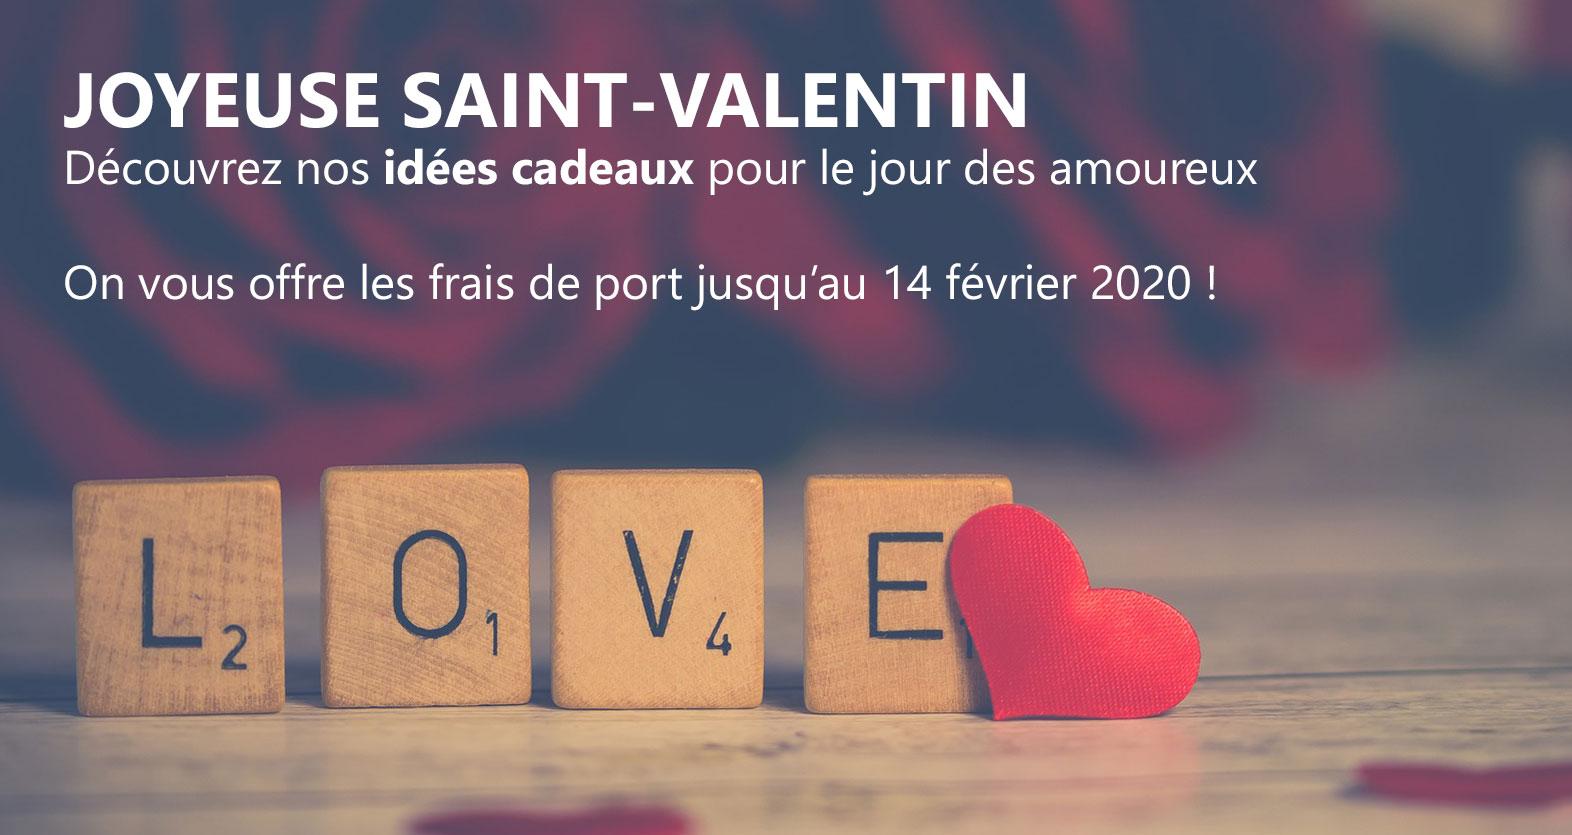 Saint-Valentin 2020